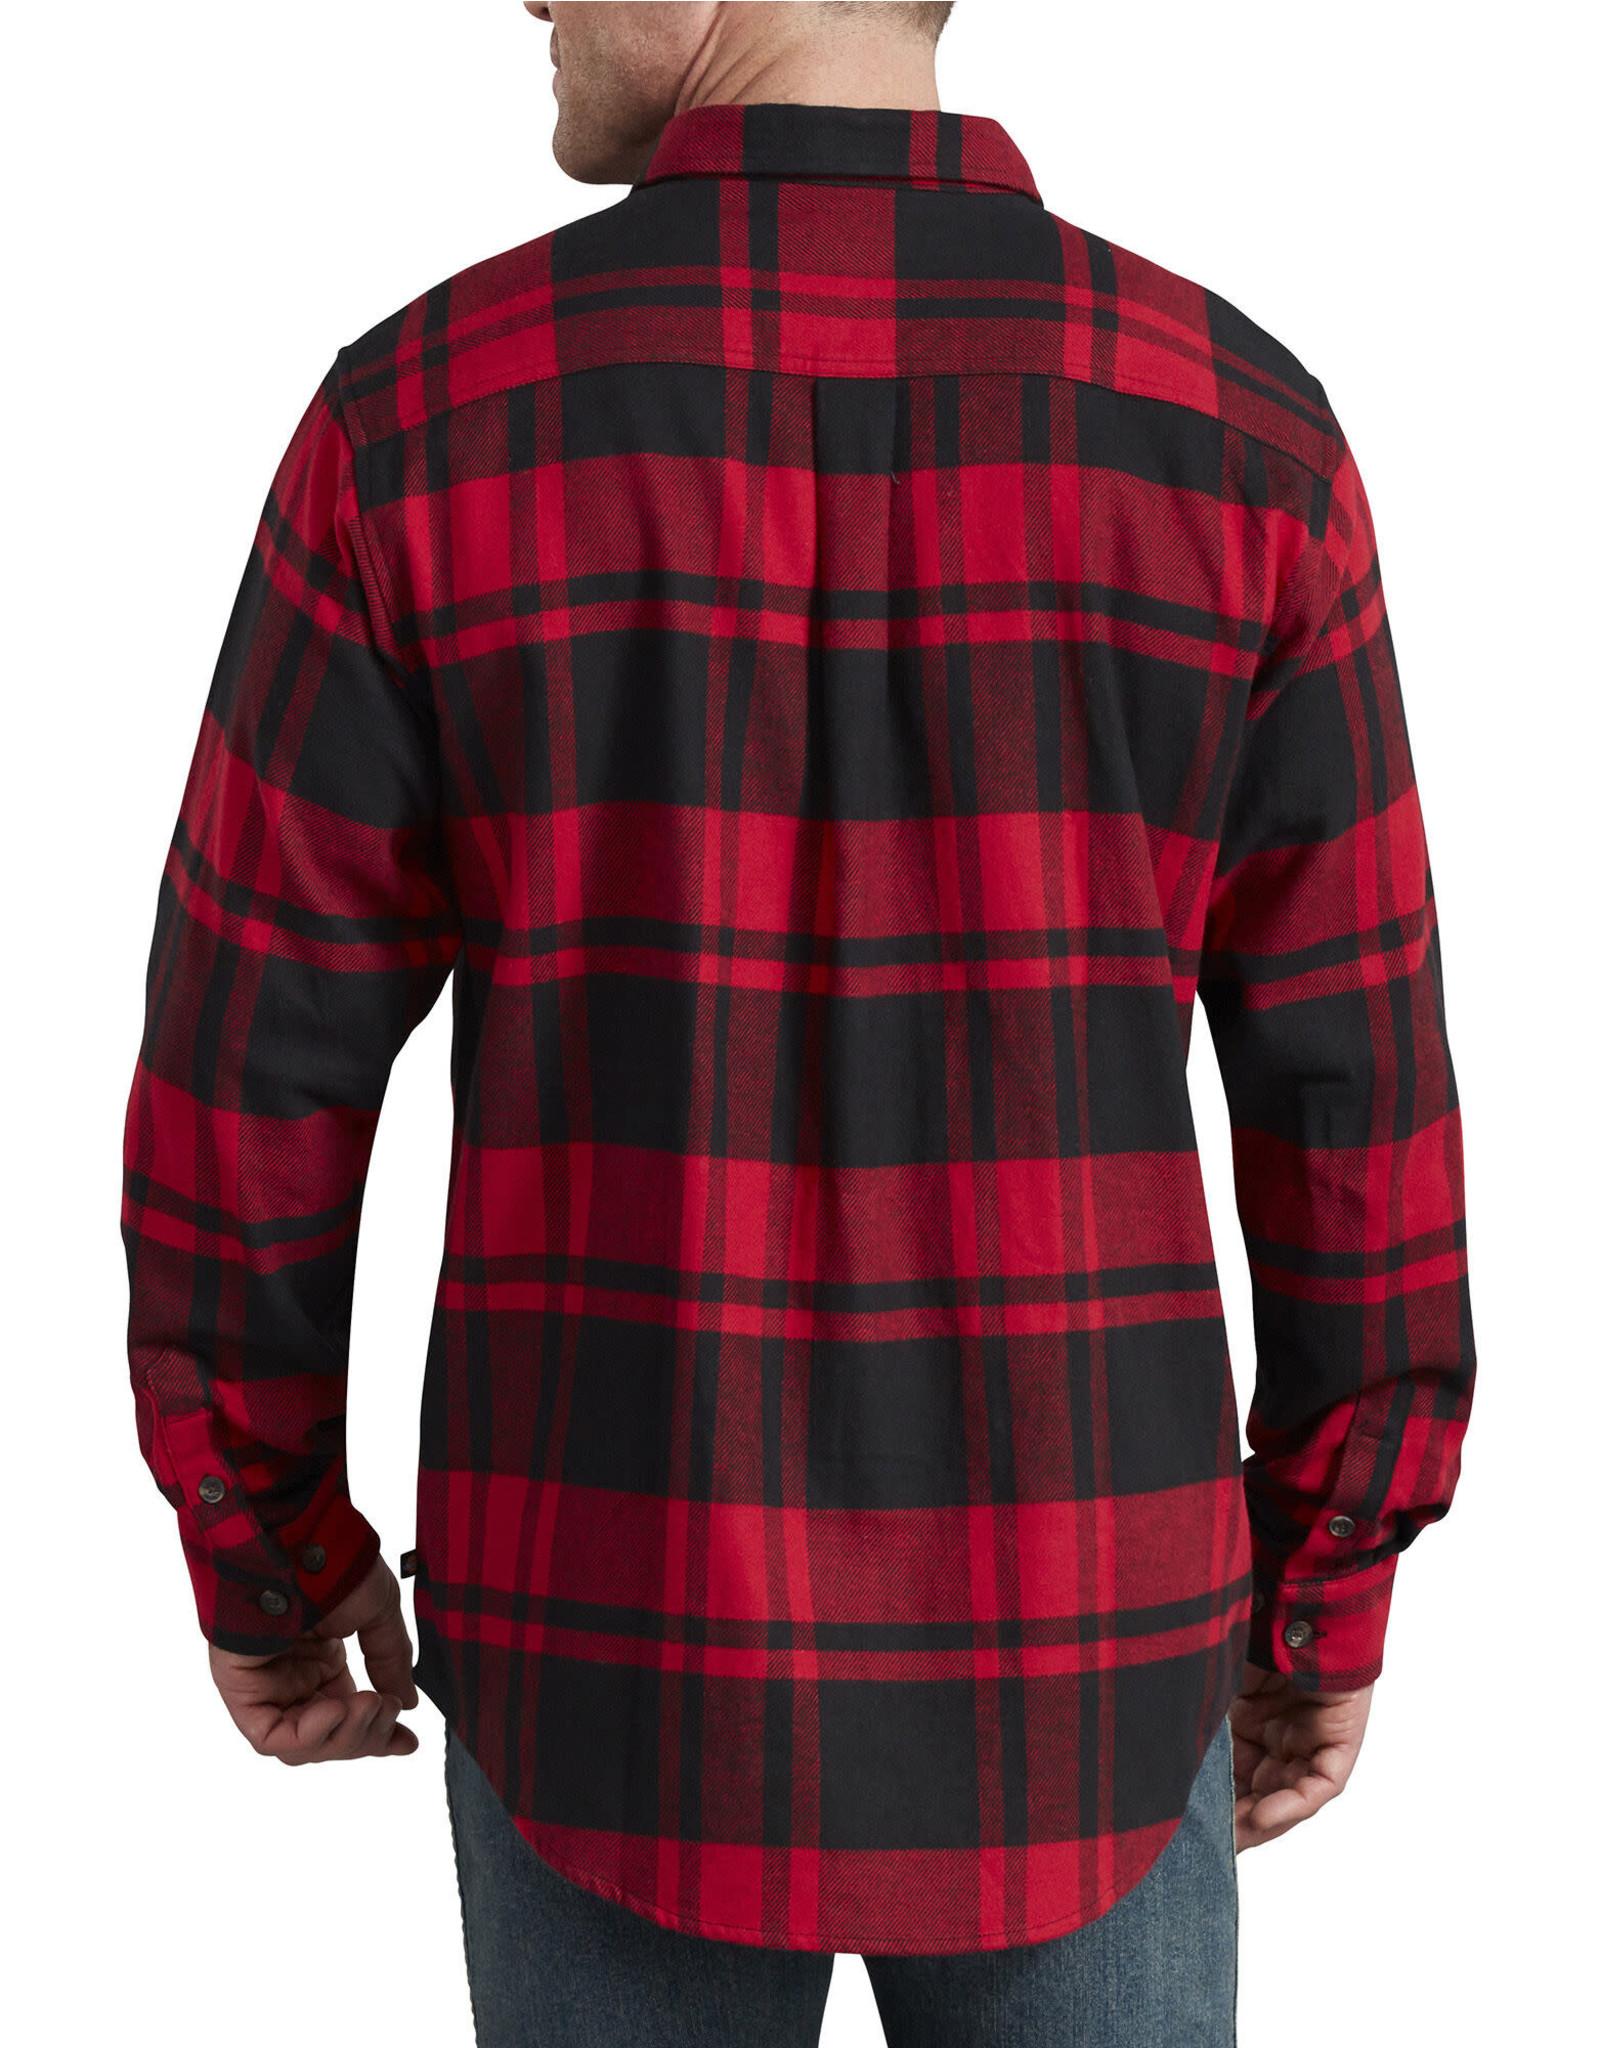 DICKIES Dickies Heavyweight Long Sleeve Flannel Shirt WL652